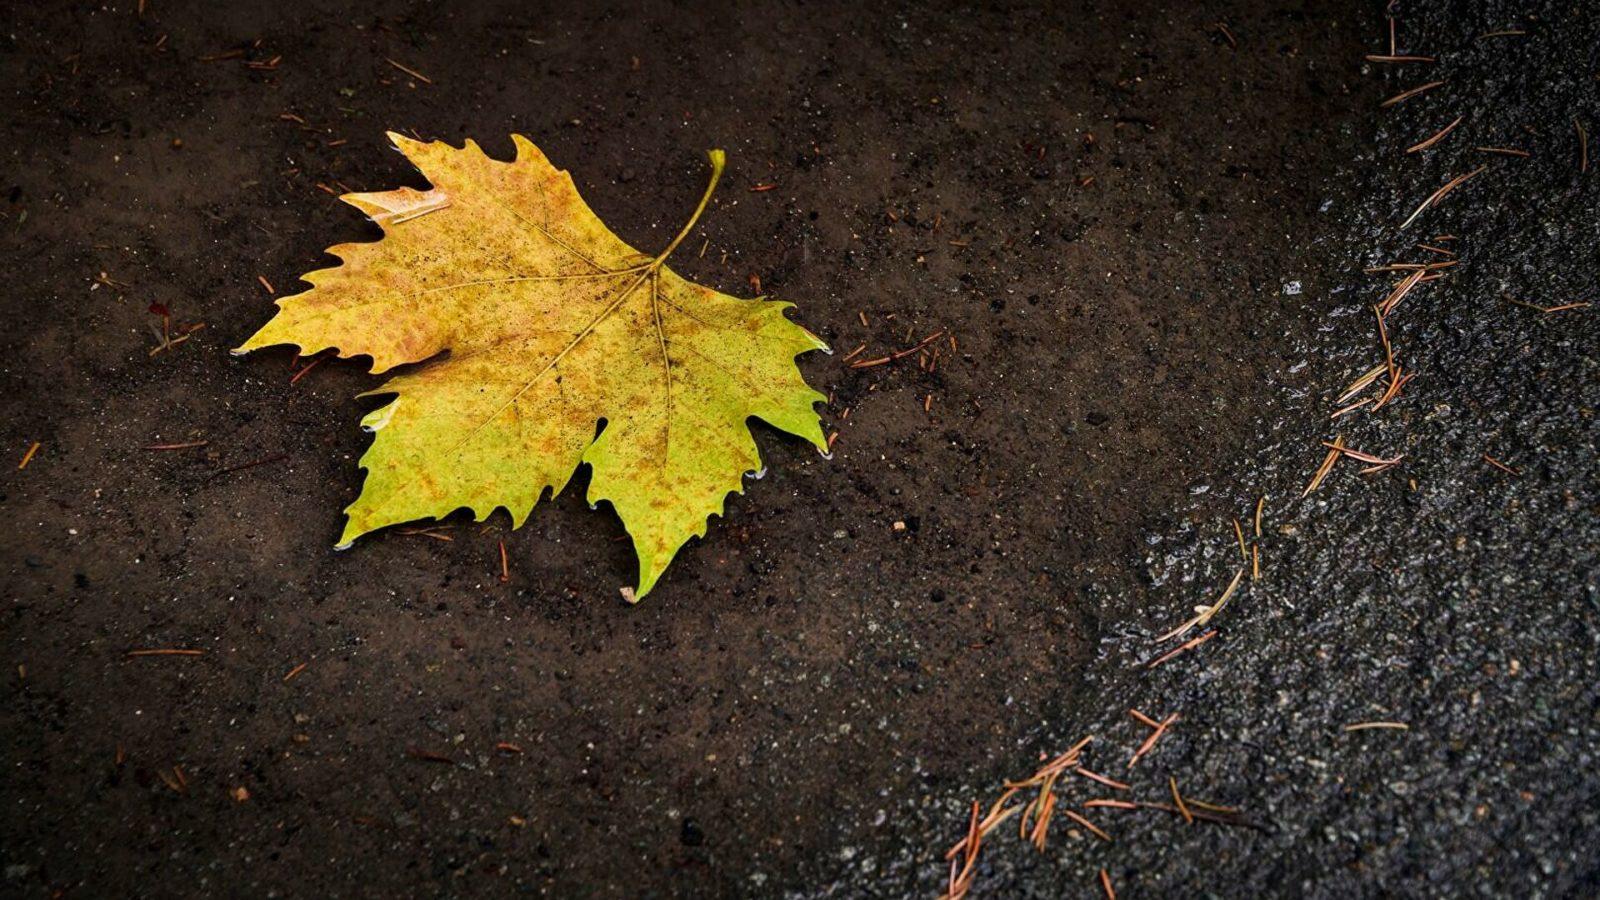 22 сентября: какой сегодня праздник, что можно, а что нельзя делать в этот день